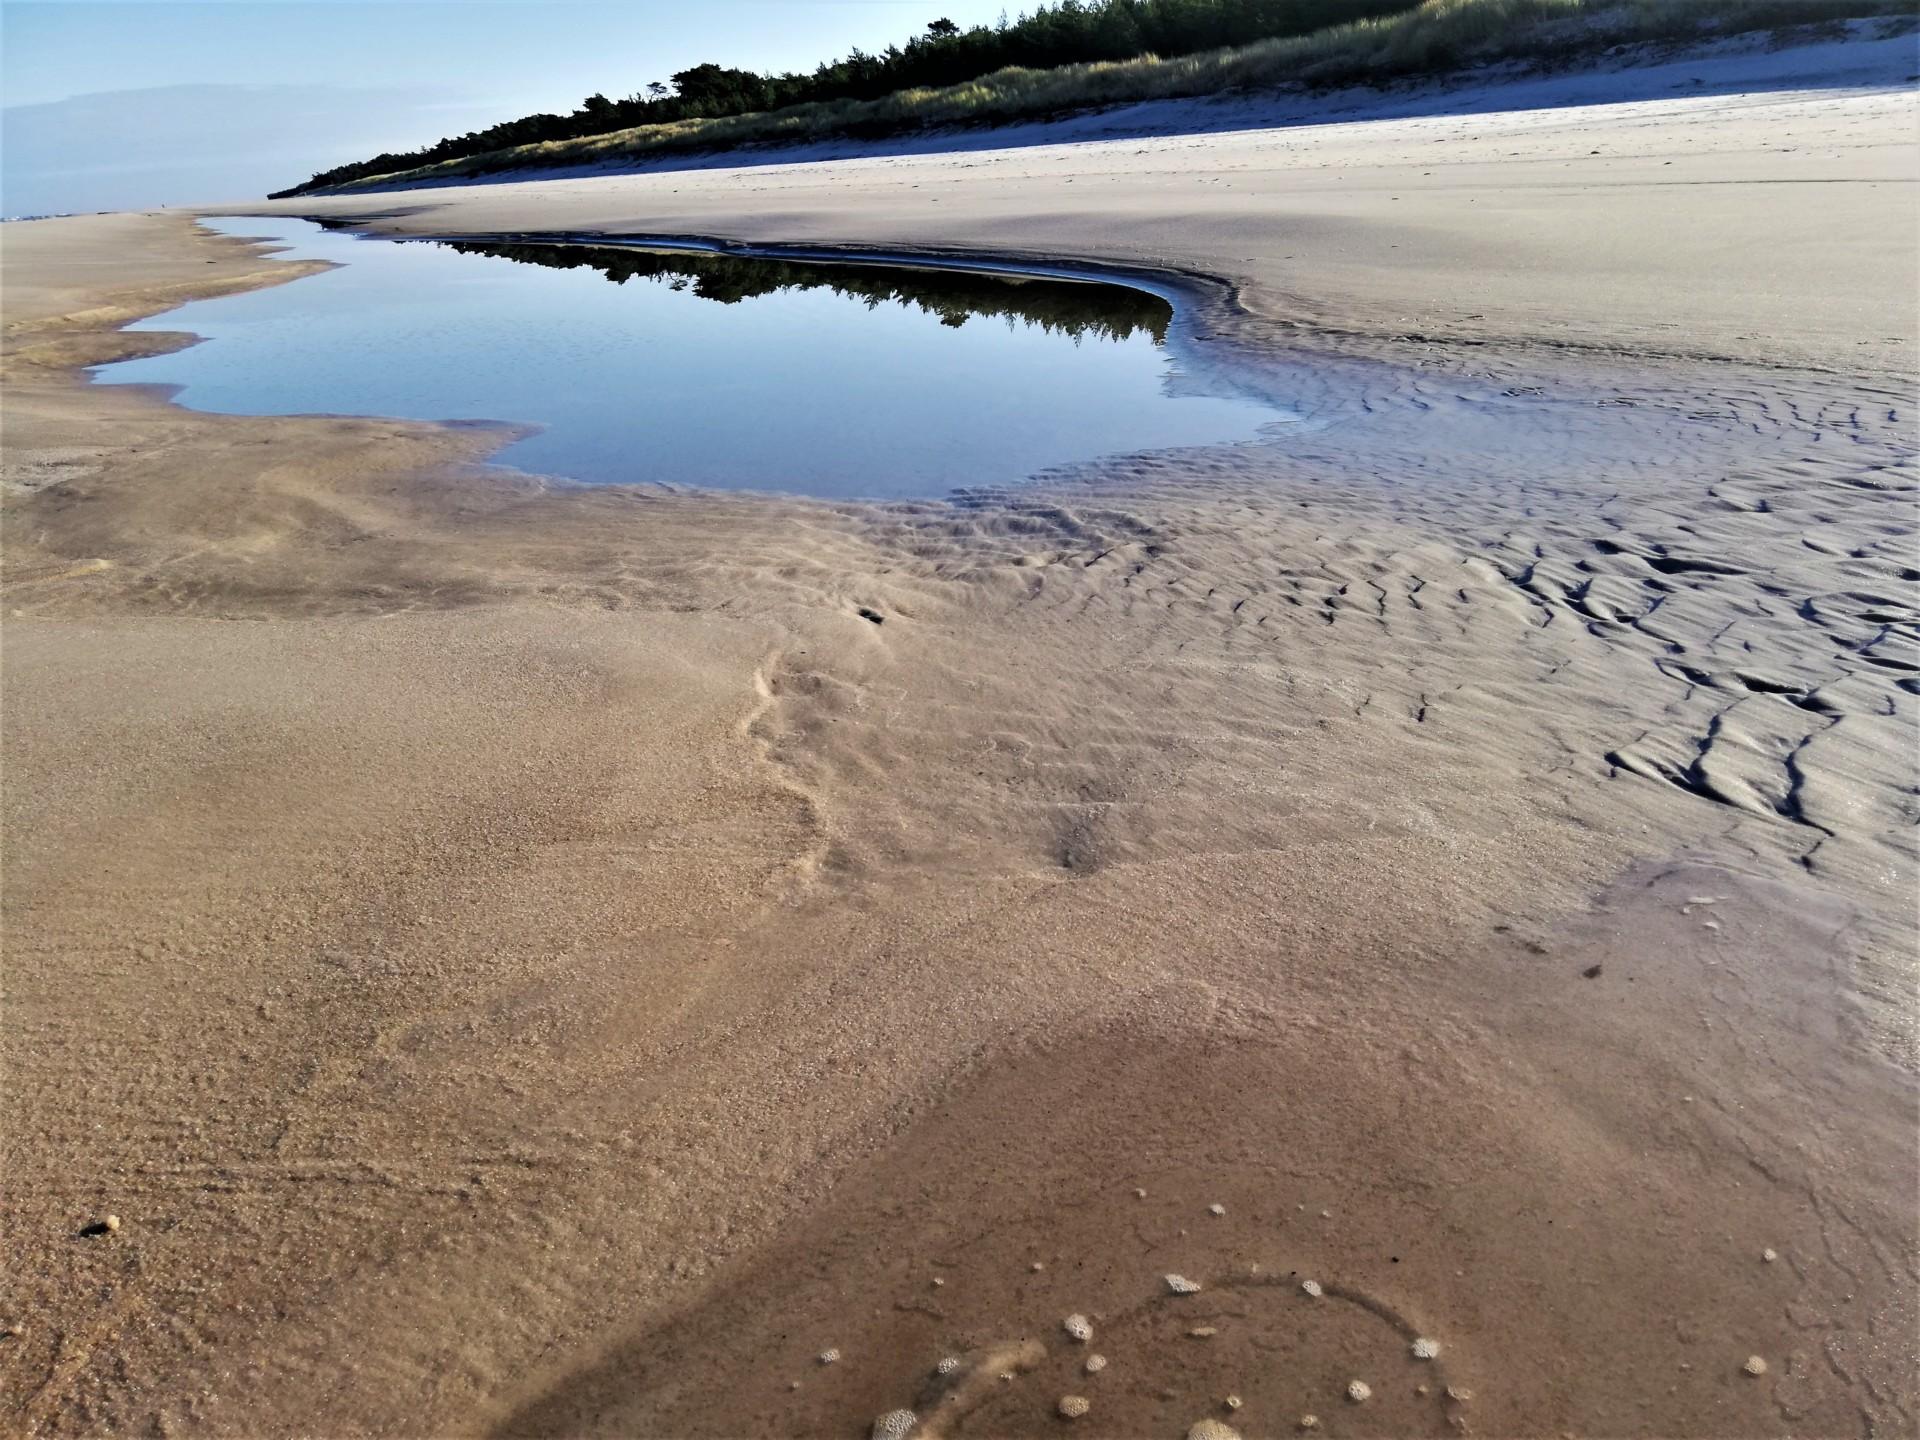 Plaża we władaniu przyrody. Lubiatowo - Kopalino, listopad 2019 5